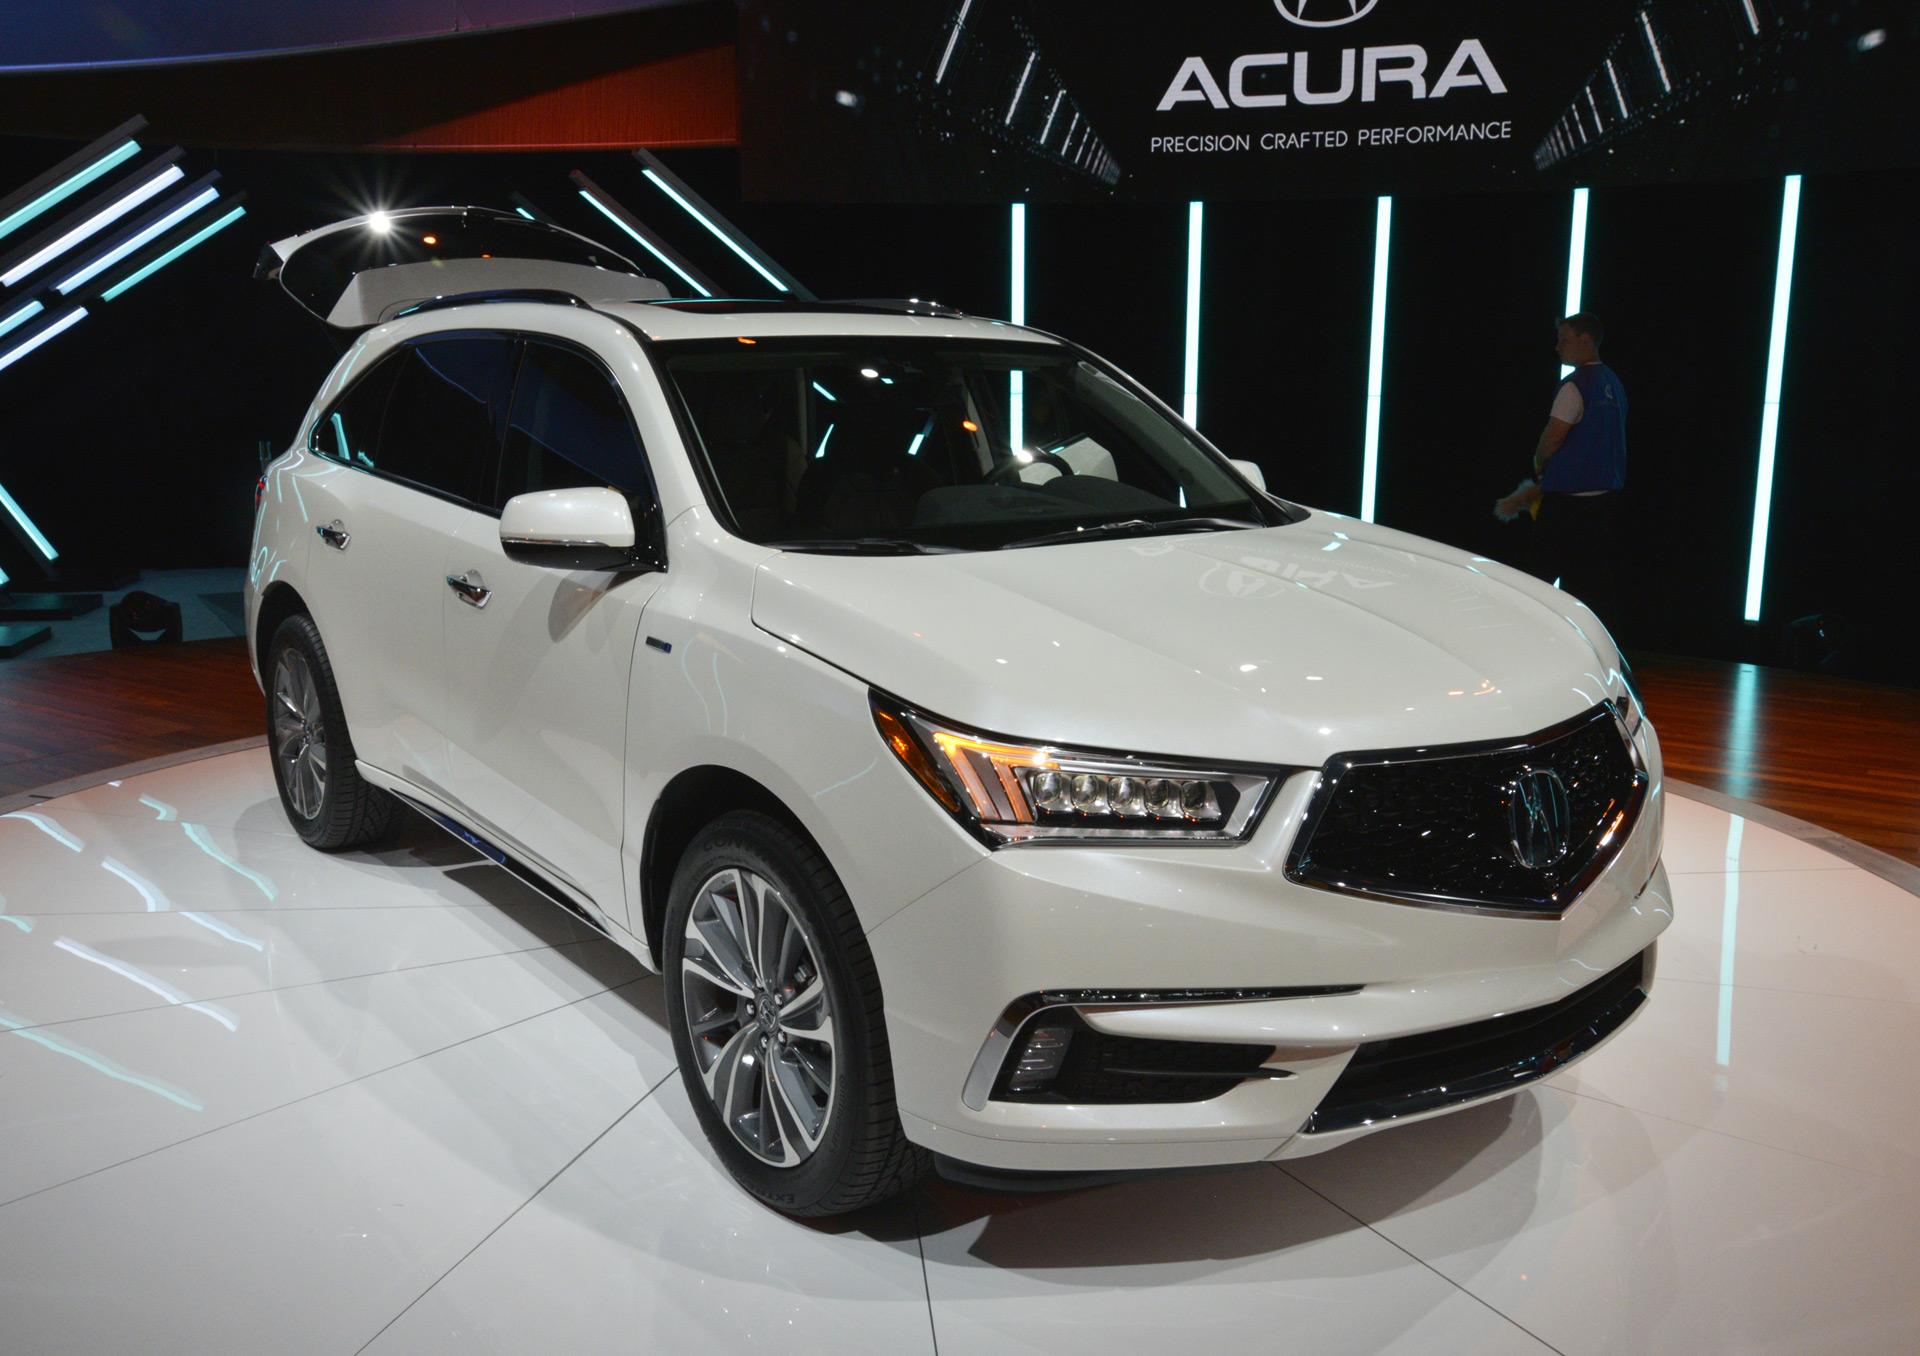 2016 acura mdx hybrid